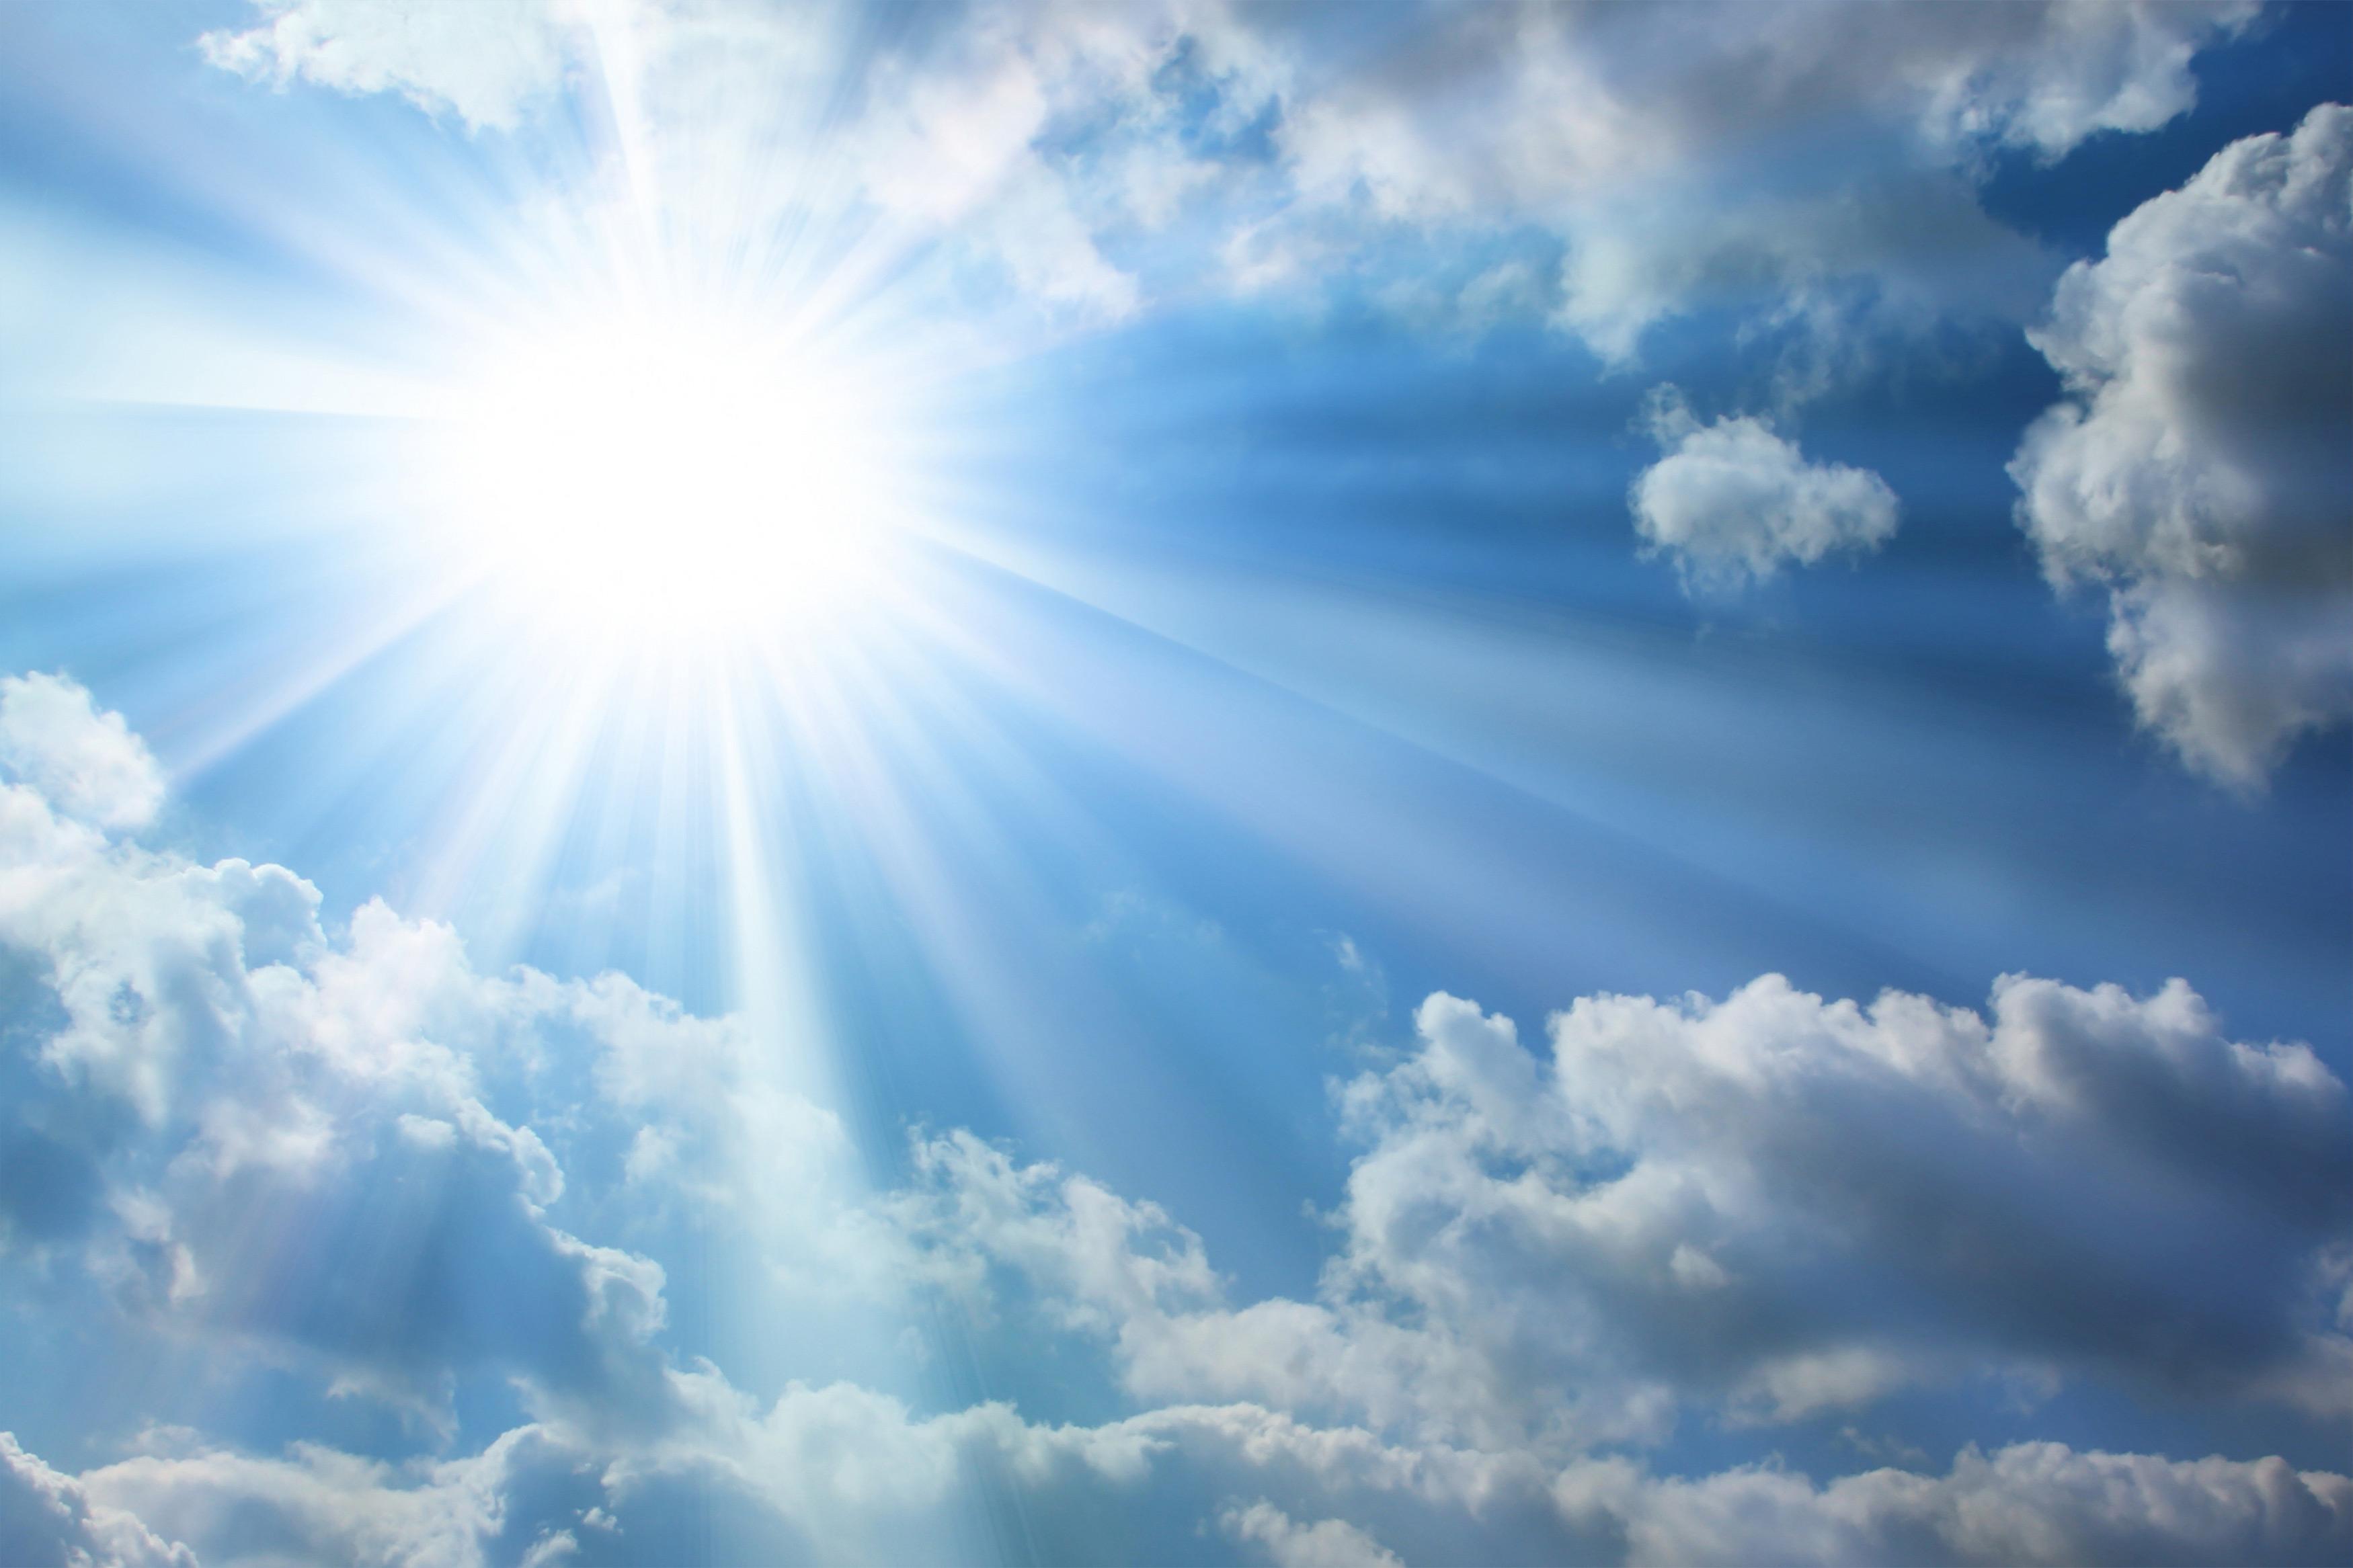 جذب نور خورشيد به سلامت روده بزرگ كمك ميكند